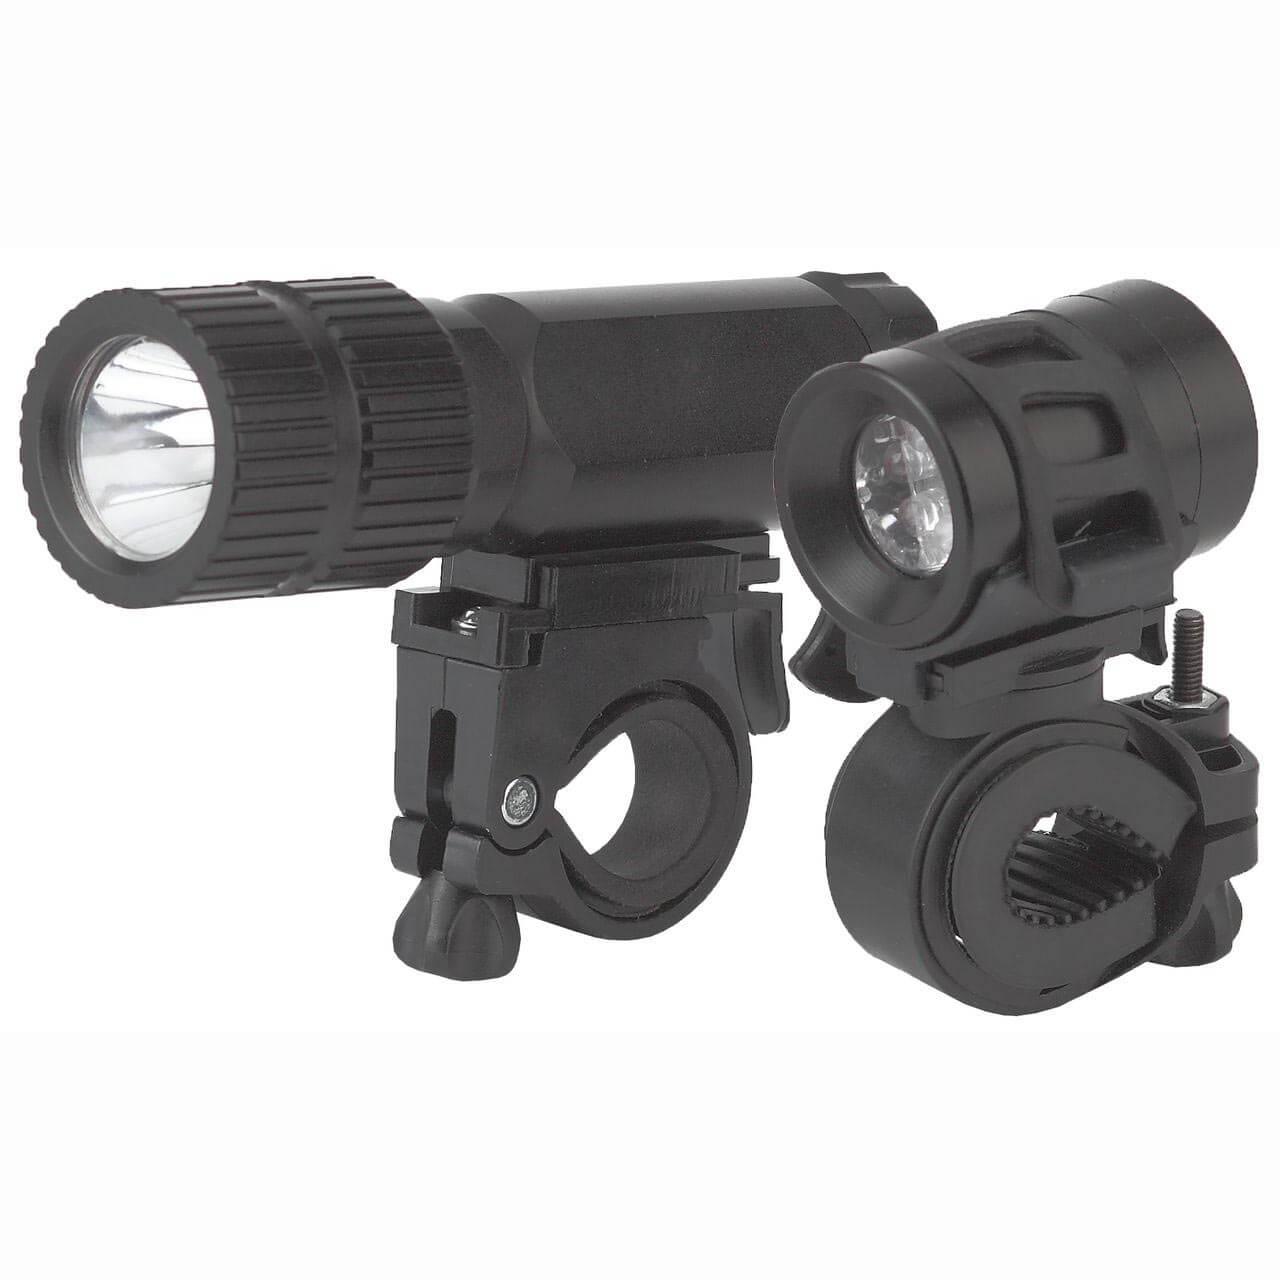 Велосипедный светодиодный фонарь ЭРА от батареек 80 лм (2 шт.) VB-601